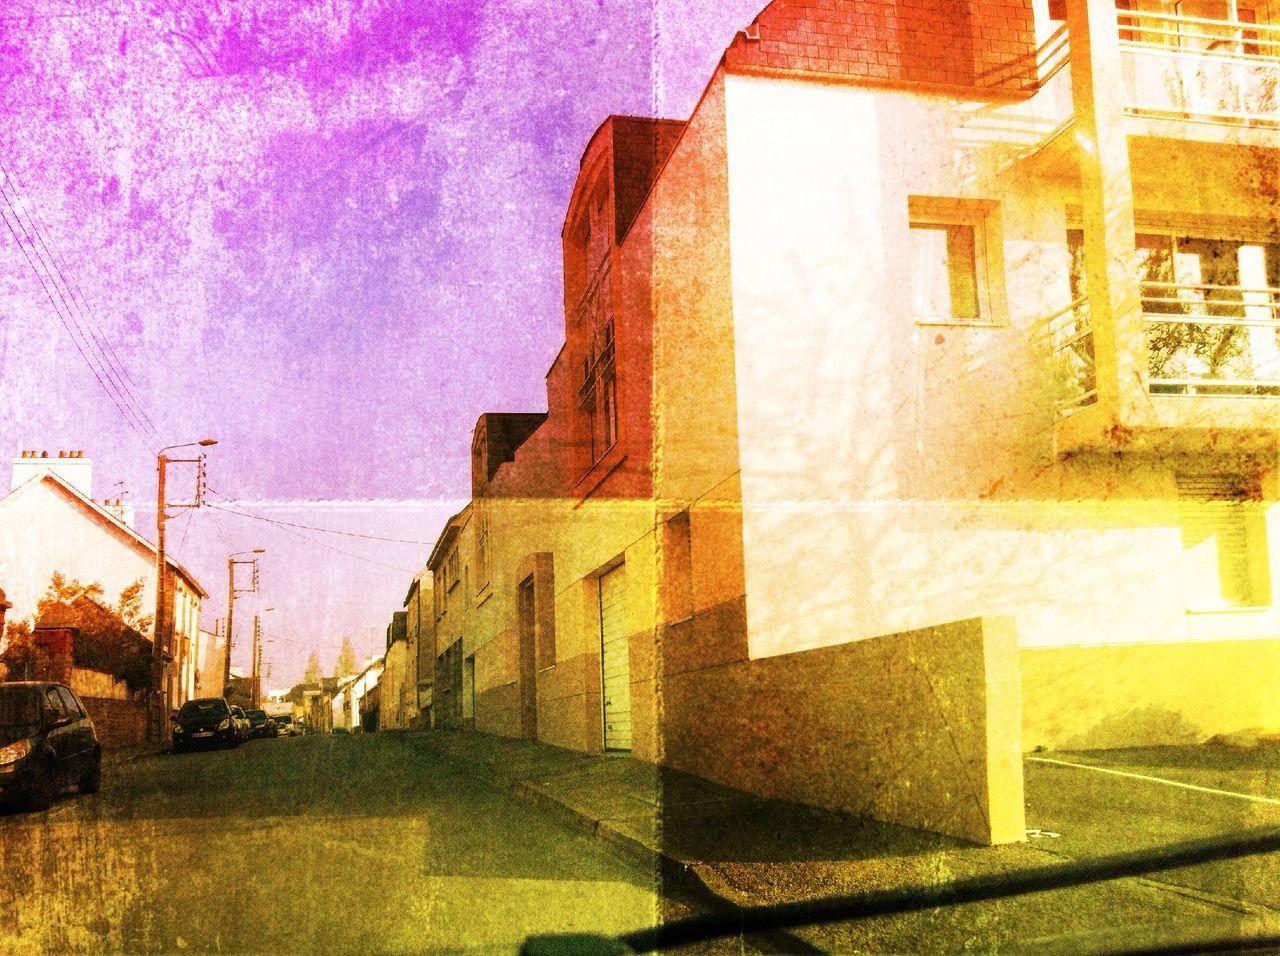 Road by buildings against sky